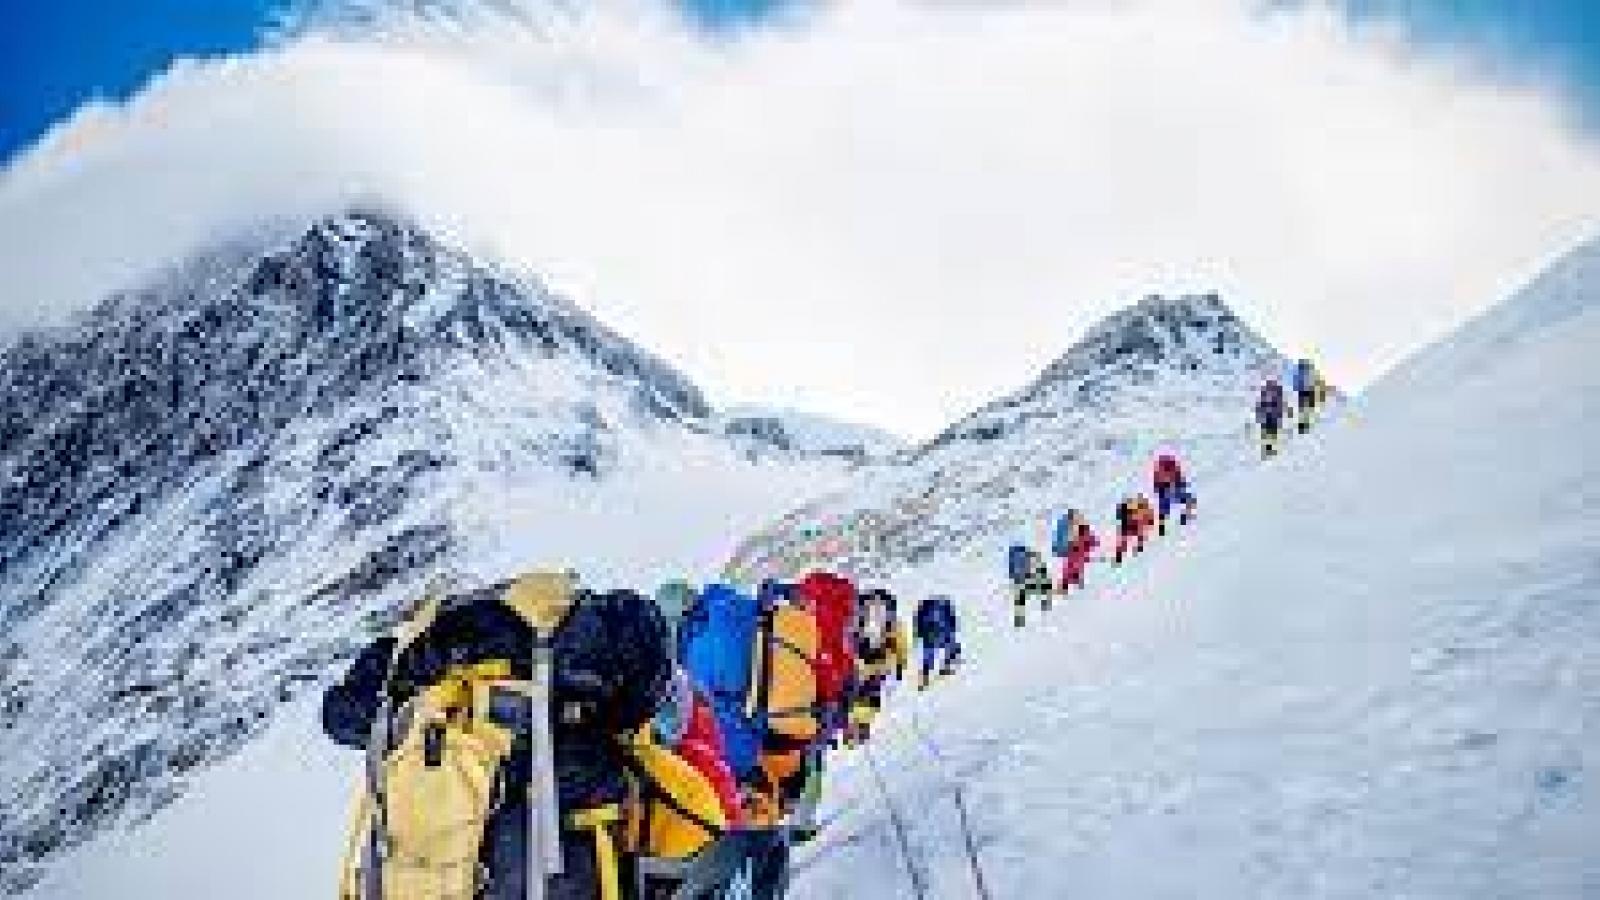 Trung Quốc dừng hoạt động leo núi trên đỉnh Everest vì Covid-19